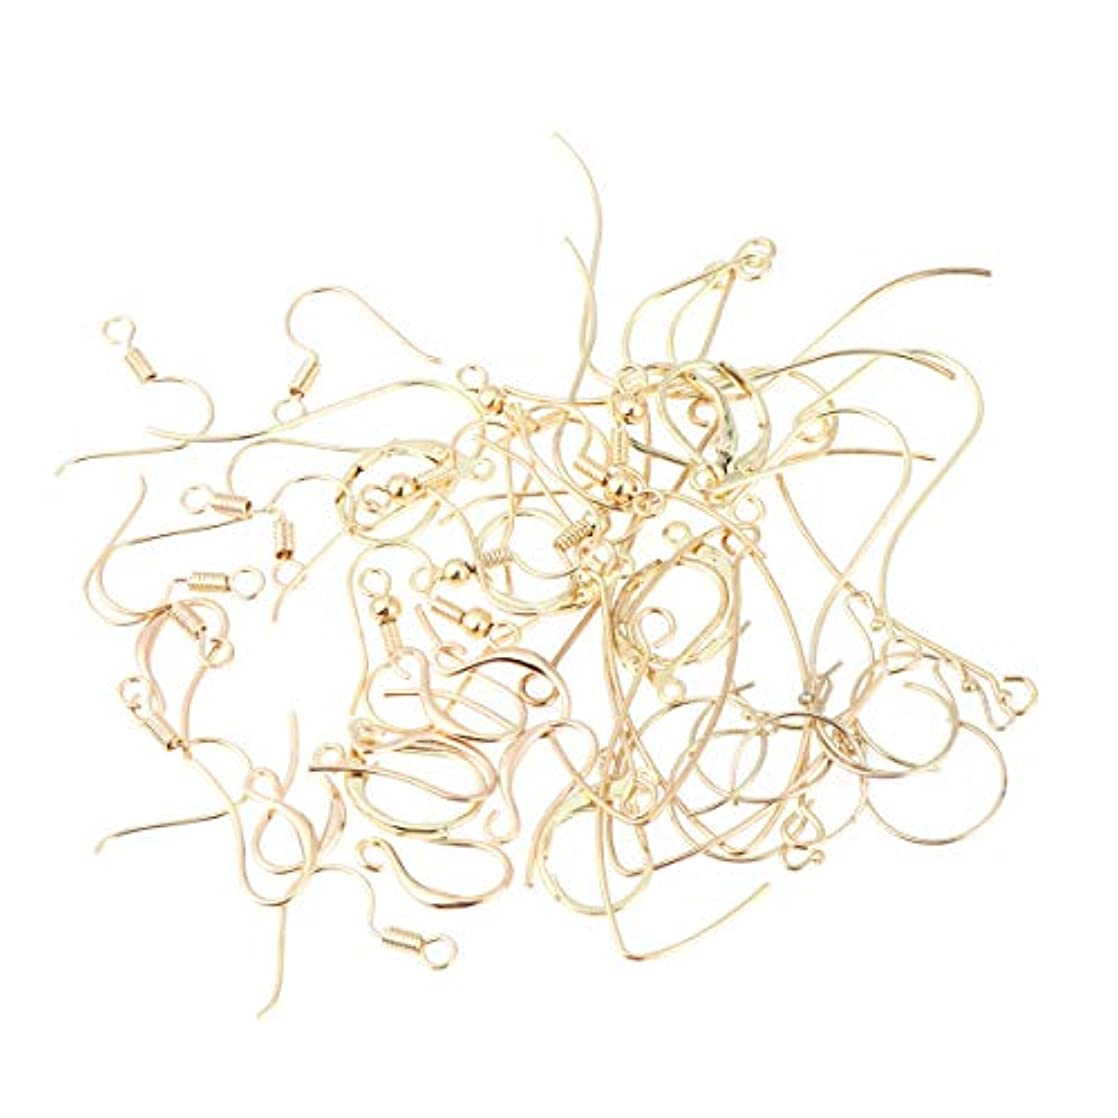 絡まる浸透する注釈を付けるHealifty 56個 イヤリング フック イヤワイヤー ボールコイル diy工芸品 ジュエリー